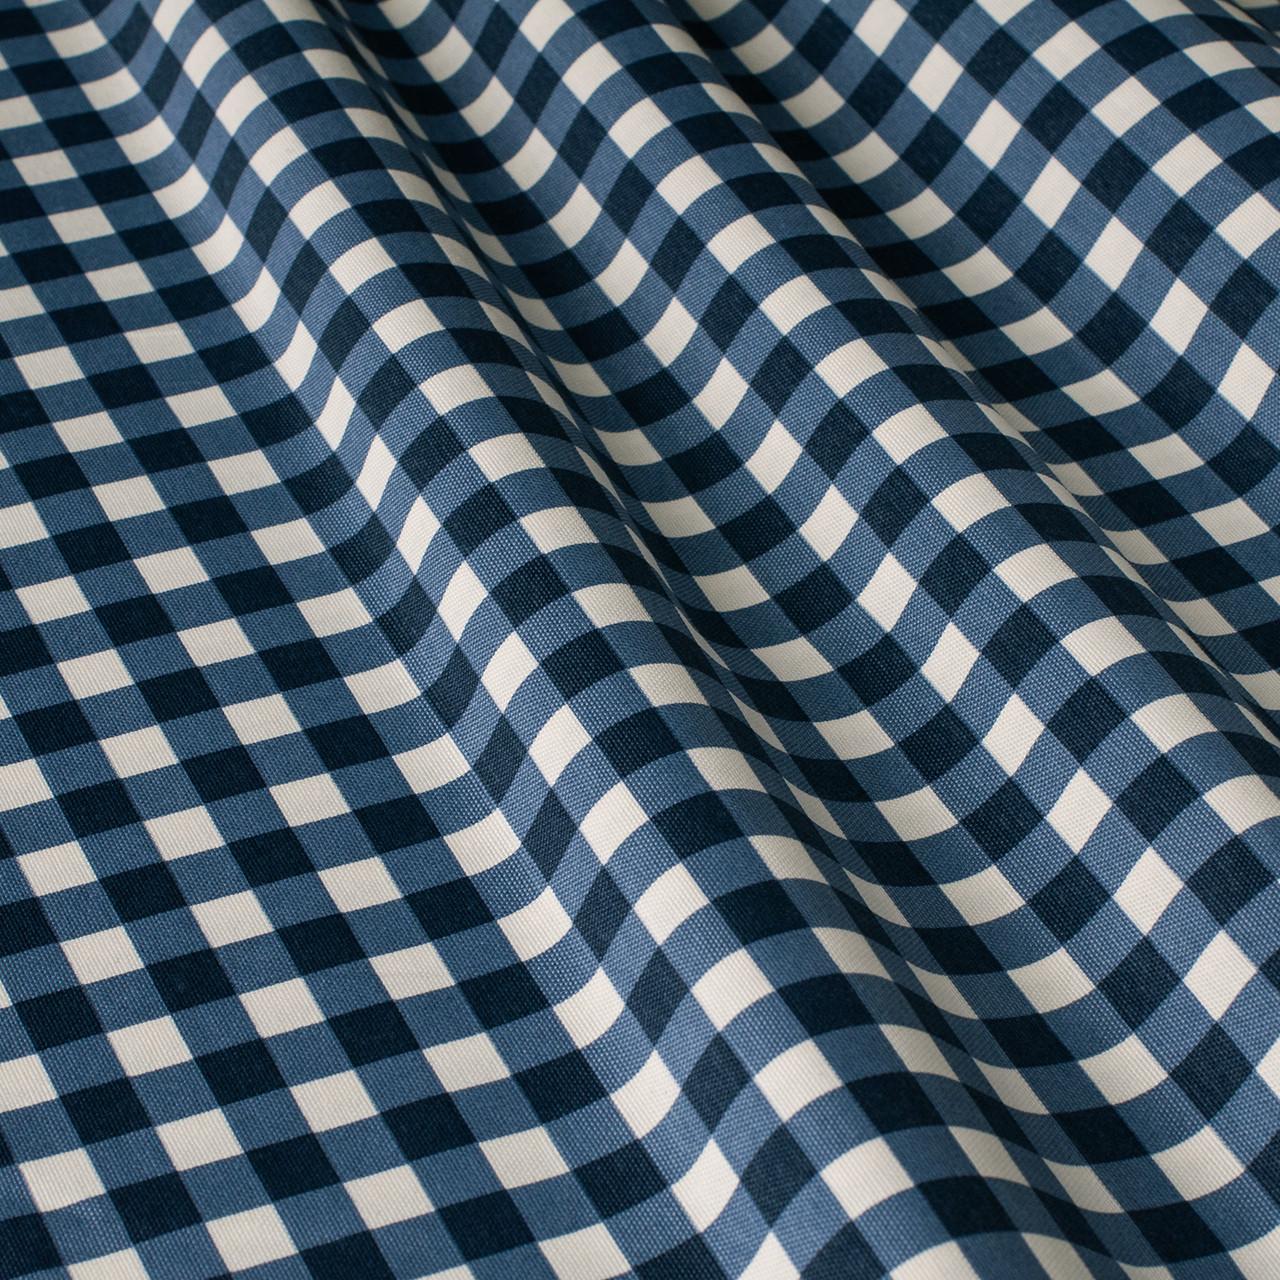 Синяя ткань для штор купить купить ткань в интернет магазине с доставкой по беларусь